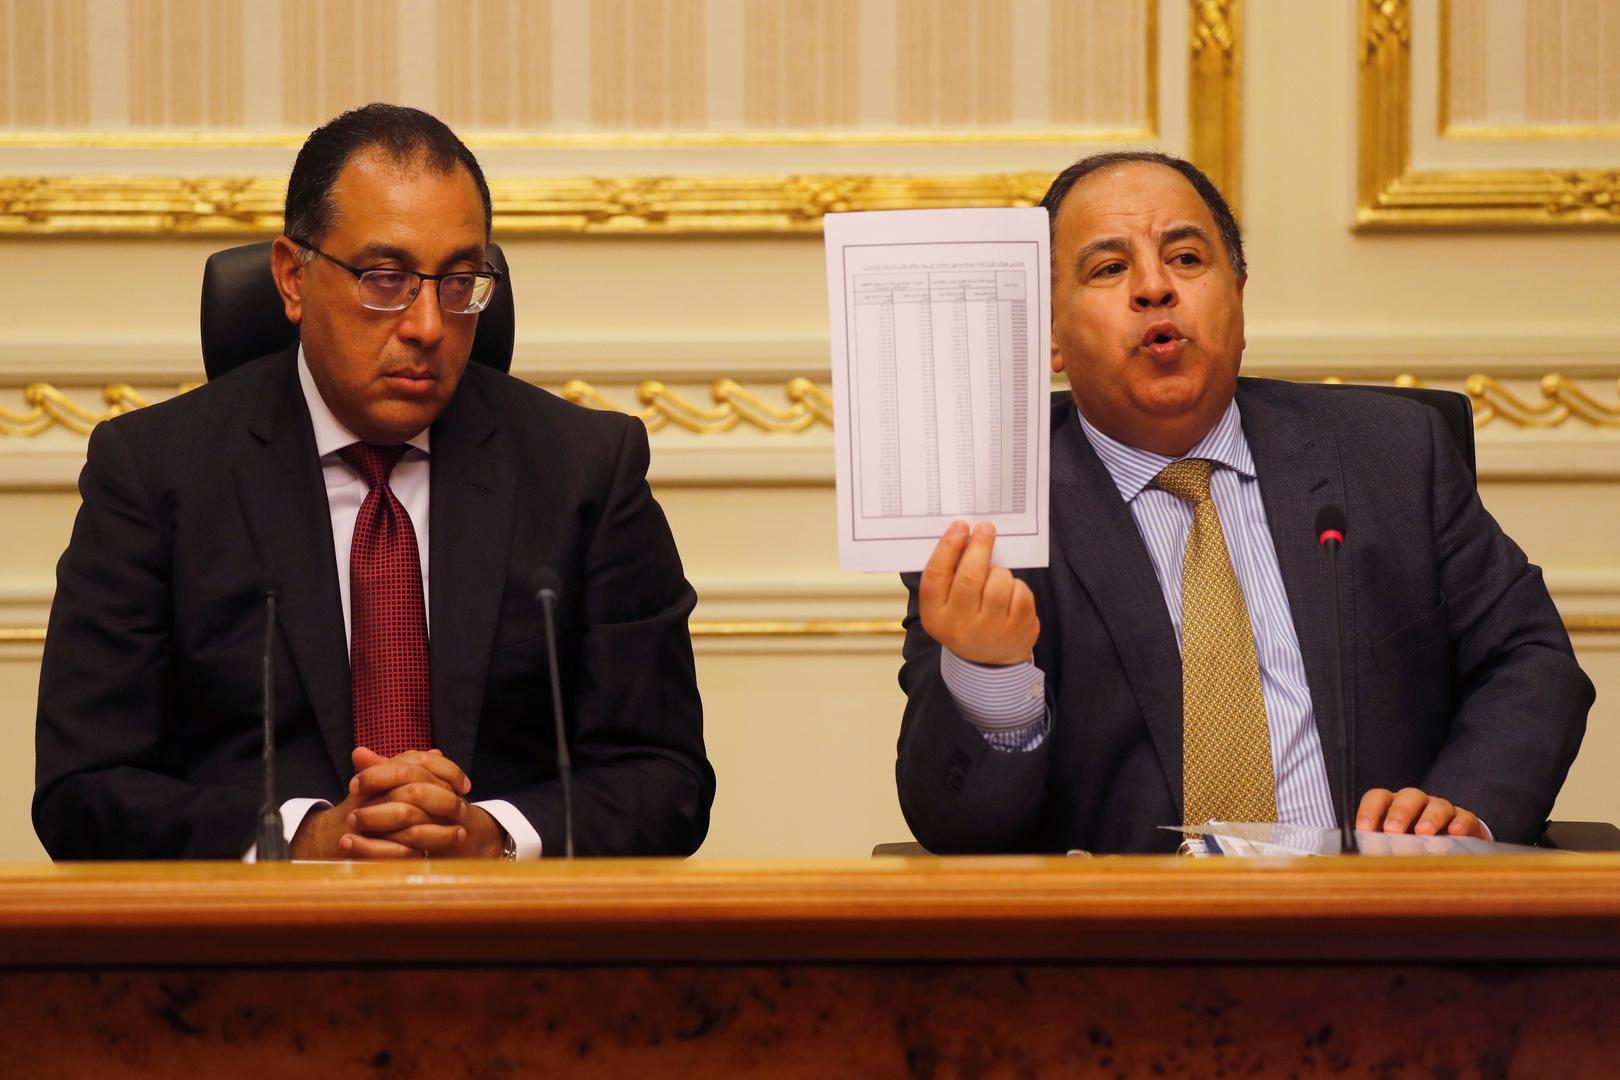 وزير المالية المصري يعلن نجاح الدولة في الحصول على أكثر من 30 مليار جنيه من المنازعات الضريبية